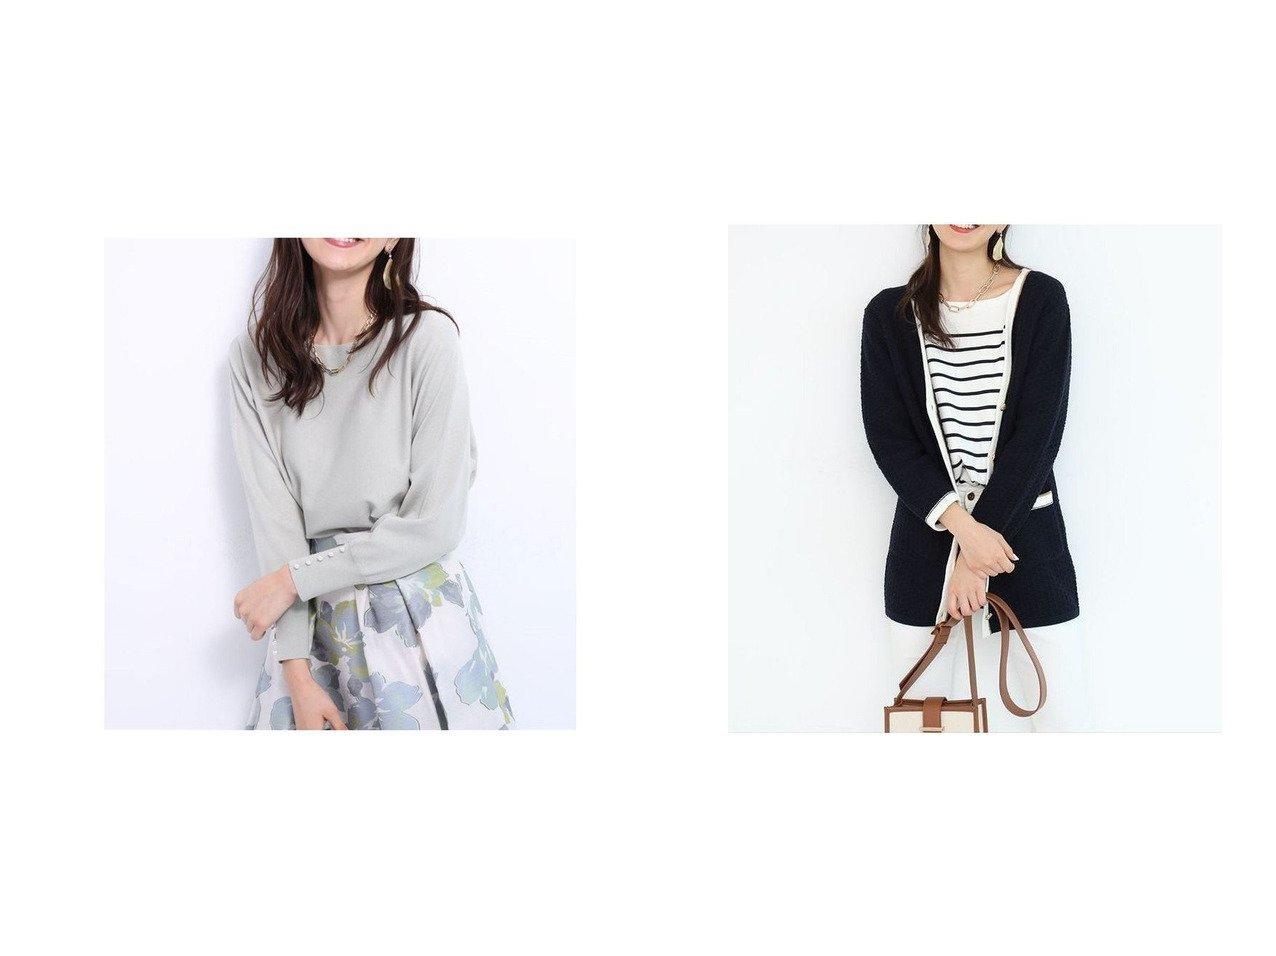 【JUSGLITTY/ジャスグリッティー】の配色ニットジャケット&ドルマンニット JUSGLITTYのおすすめ!人気、トレンド・レディースファッションの通販 おすすめで人気の流行・トレンド、ファッションの通販商品 メンズファッション・キッズファッション・インテリア・家具・レディースファッション・服の通販 founy(ファニー) https://founy.com/ ファッション Fashion レディースファッション WOMEN トップス Tops Tshirt ニット Knit Tops アウター Coat Outerwear ジャケット Jackets 2021年 2021 2021 春夏 S/S SS Spring/Summer 2021 S/S 春夏 SS Spring/Summer 春 Spring クラシカル ジャケット バランス フロント ポケット ロング 再入荷 Restock/Back in Stock/Re Arrival  ID:crp329100000019166